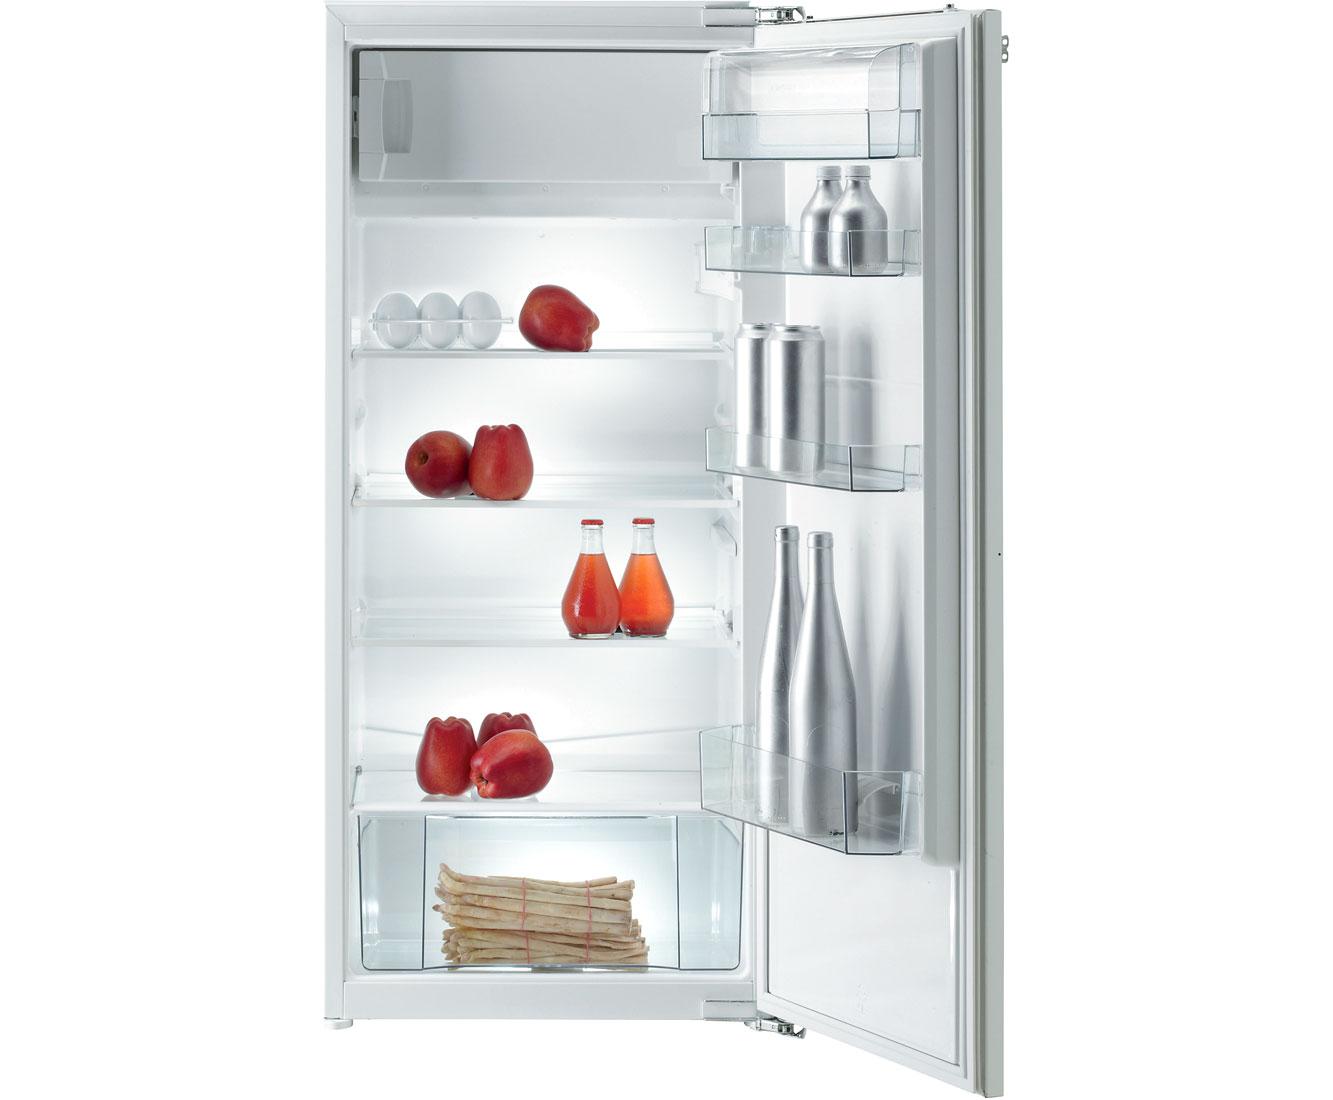 Gorenje Kühlschrank Retro Abtauen : Gorenje rbi 5122 aw einbau kühlschrank mit gefrierfach 122er